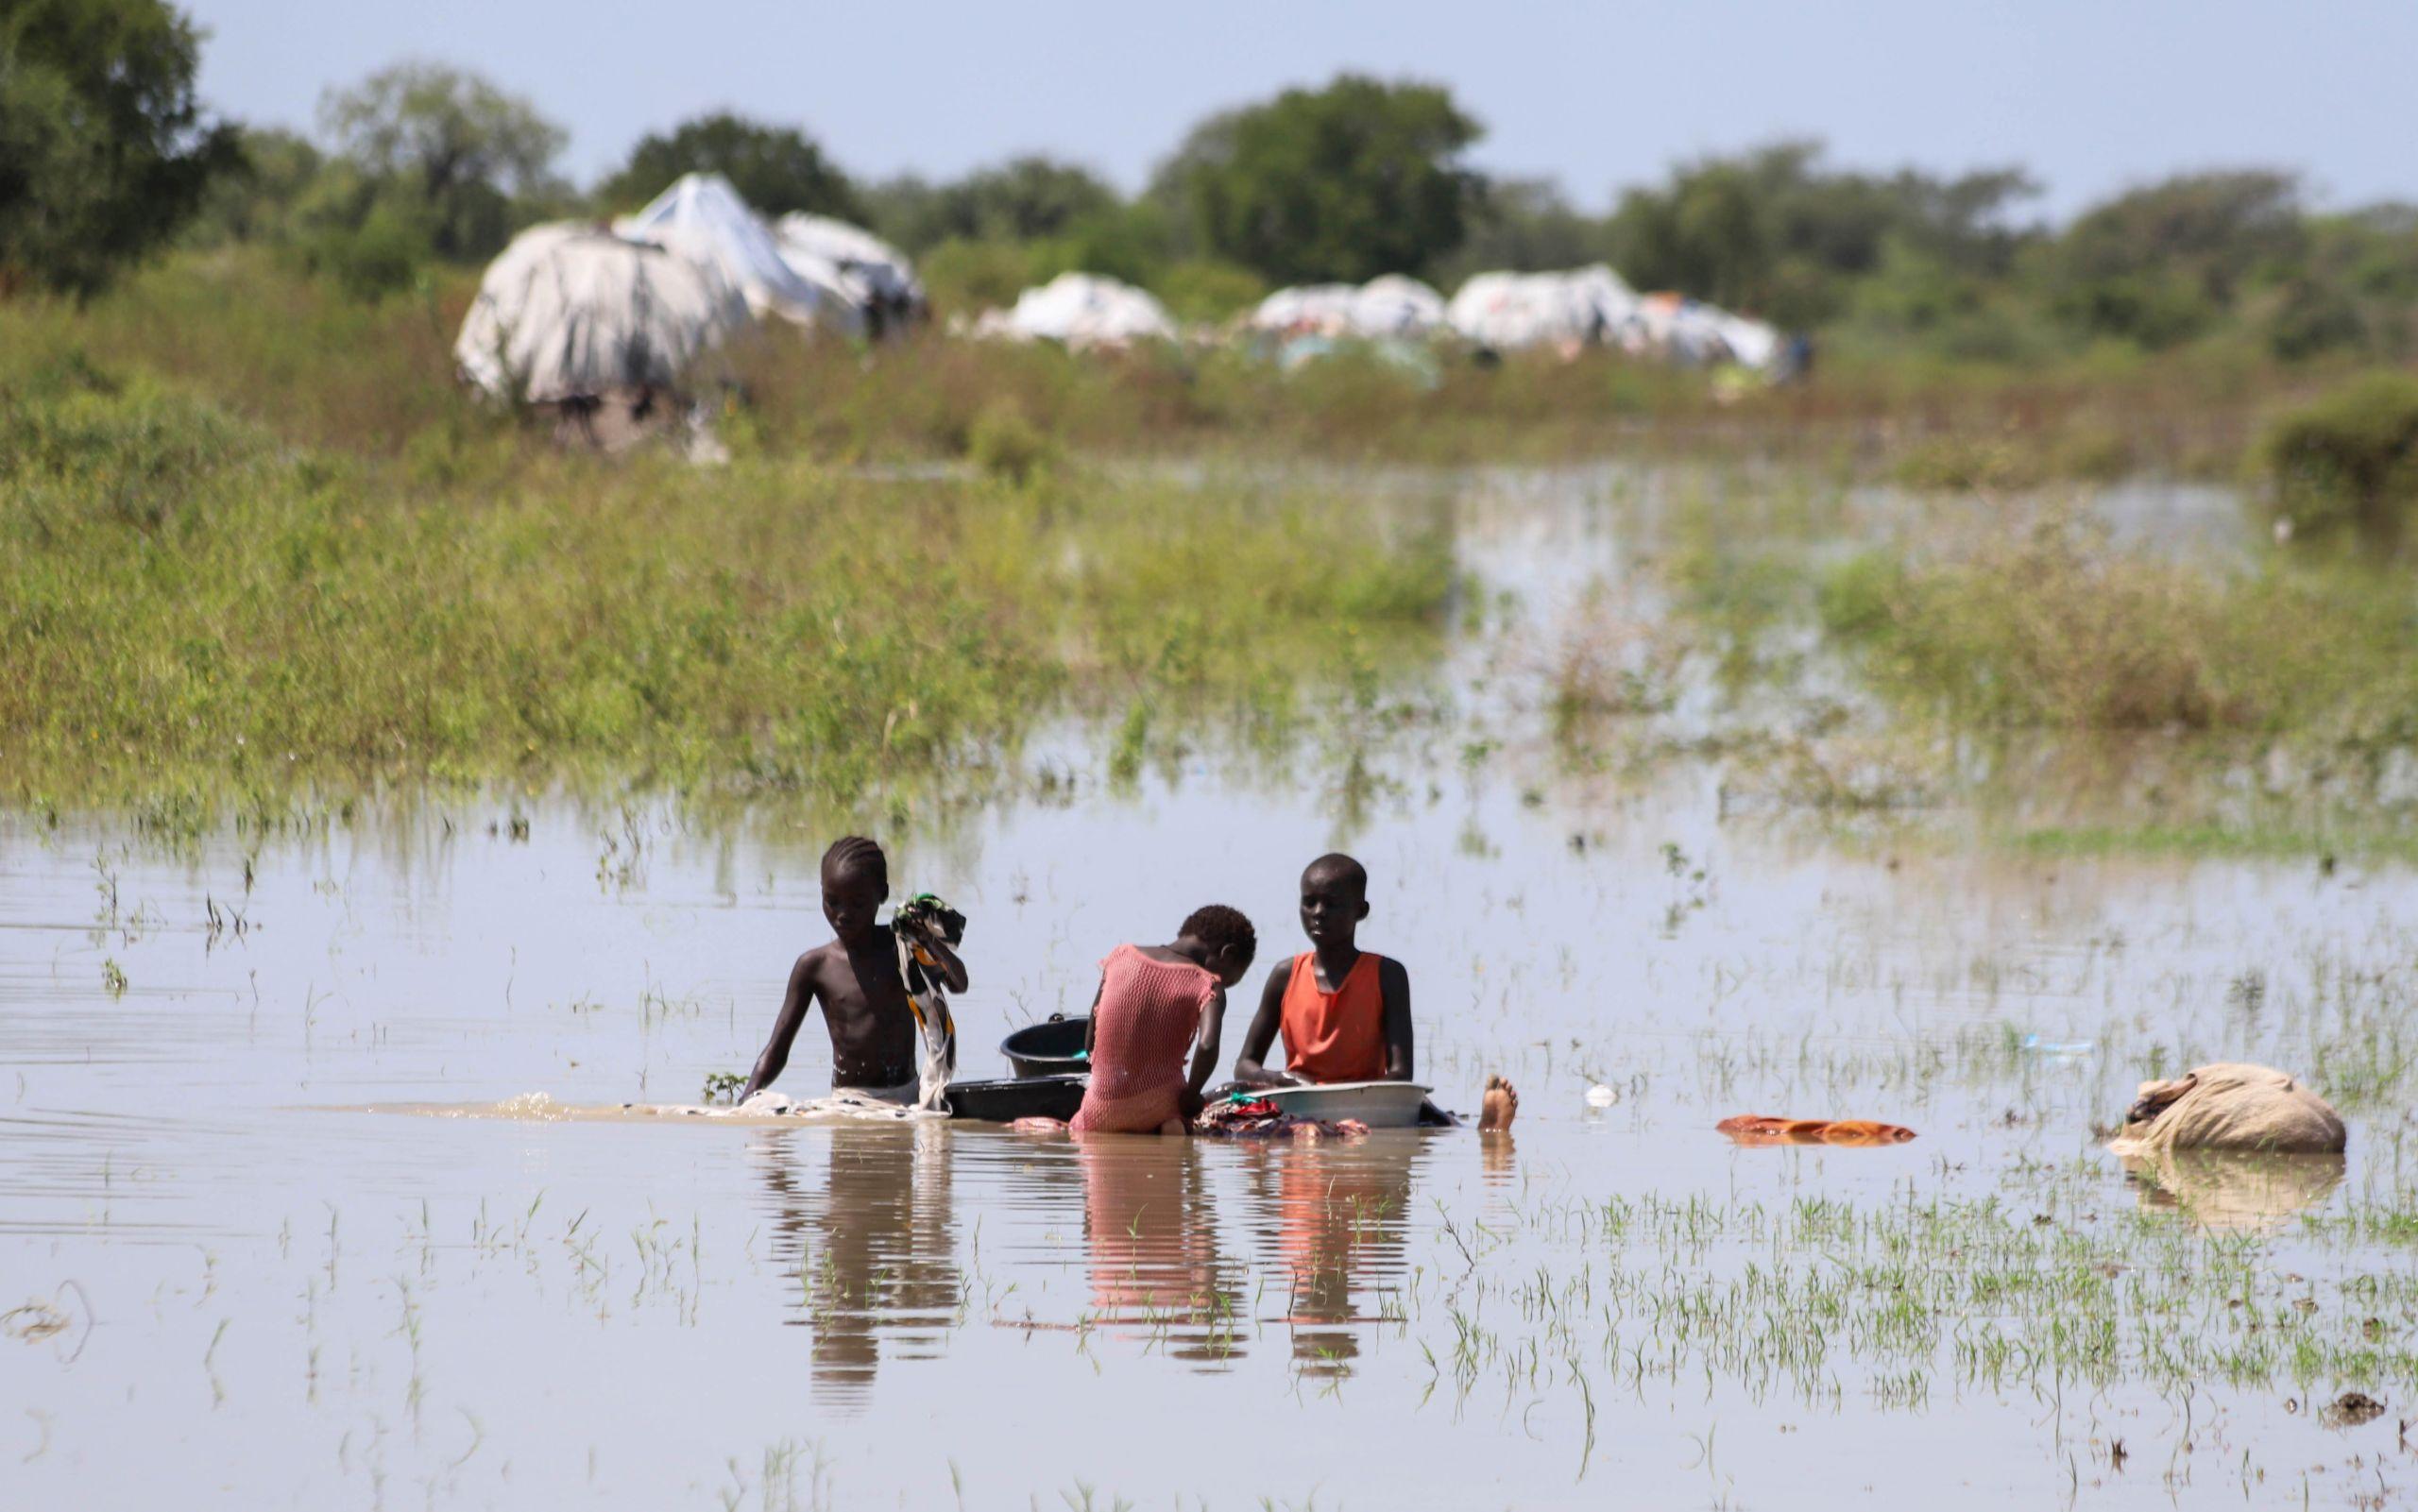 2019-11-02t070127z_137747797_rc1923fa0d30_rtrmadp_3_southsudan-floods-2560x1601.jpeg